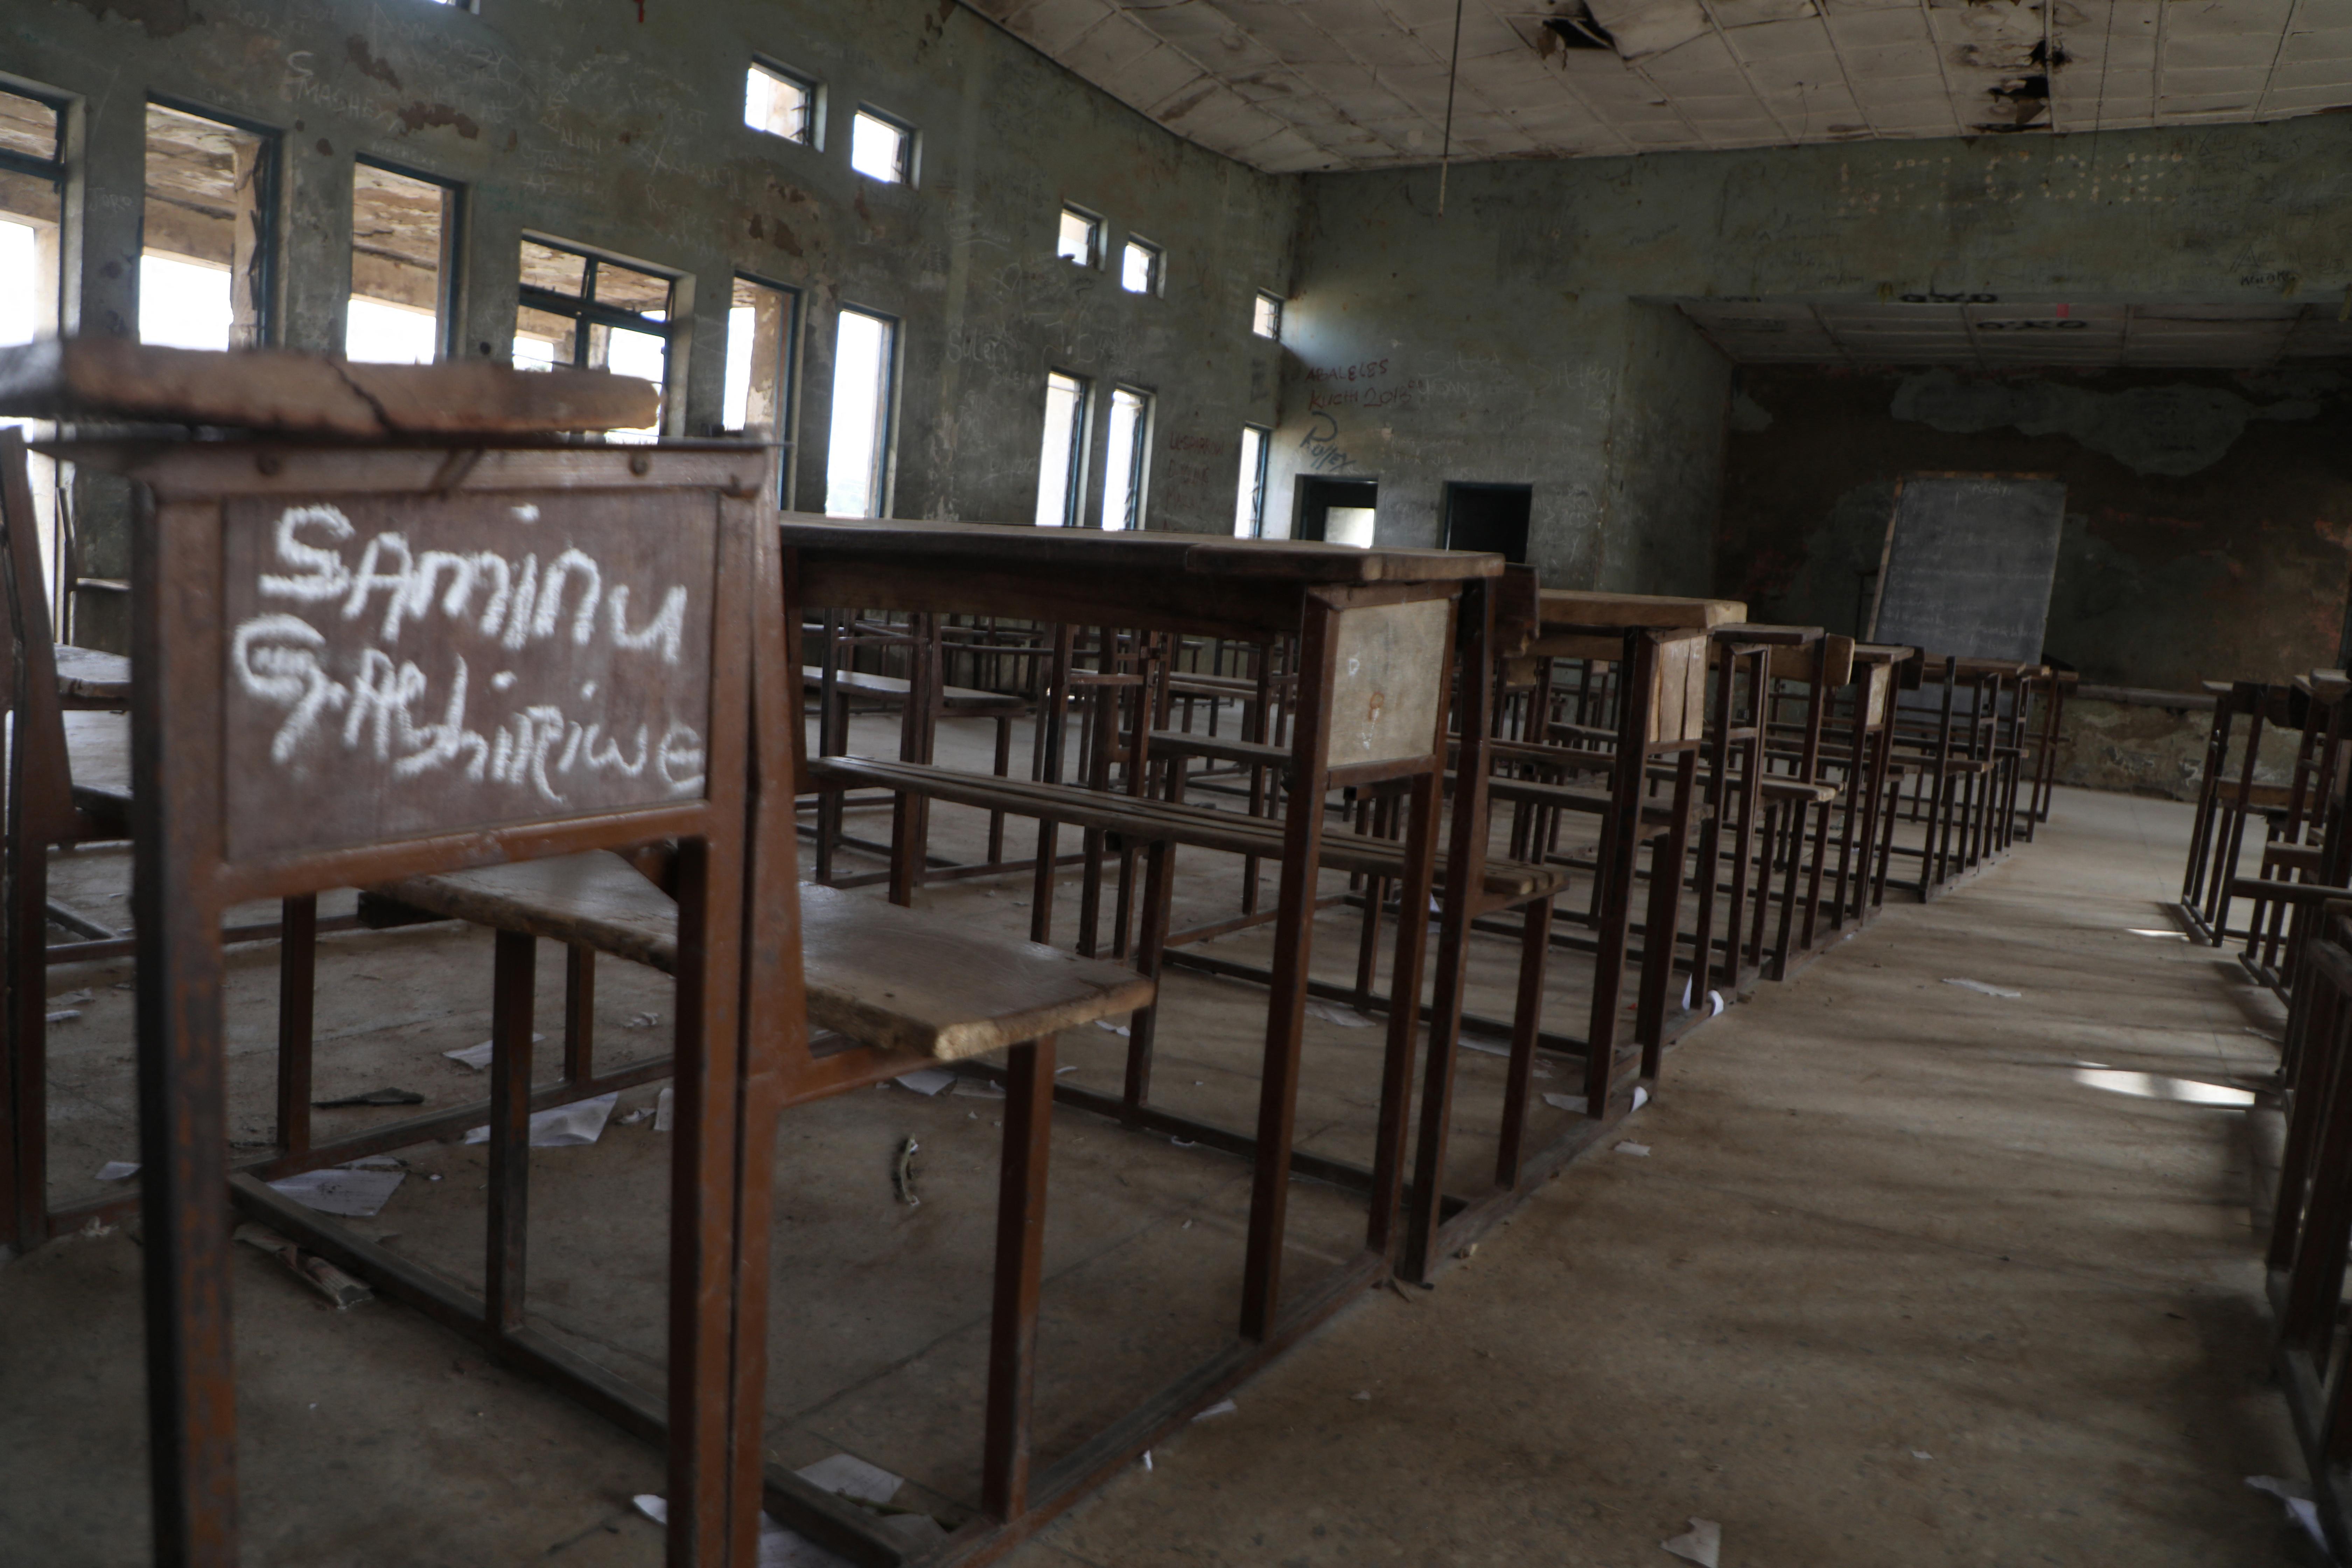 Több mint 100 diákot raboltak el egy nigériai iskolából